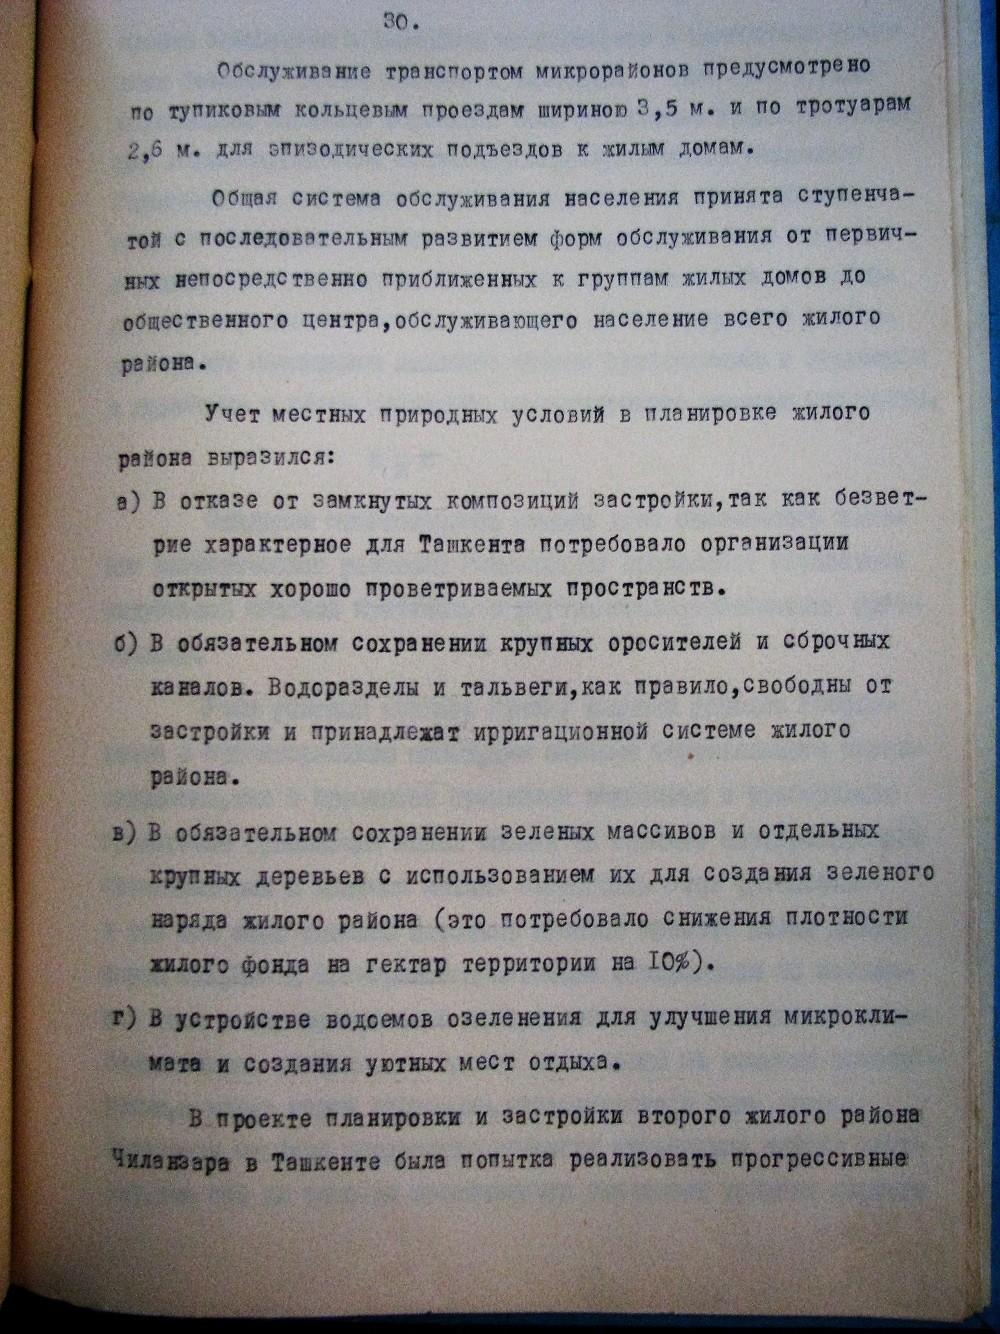 tashkent-1960-42